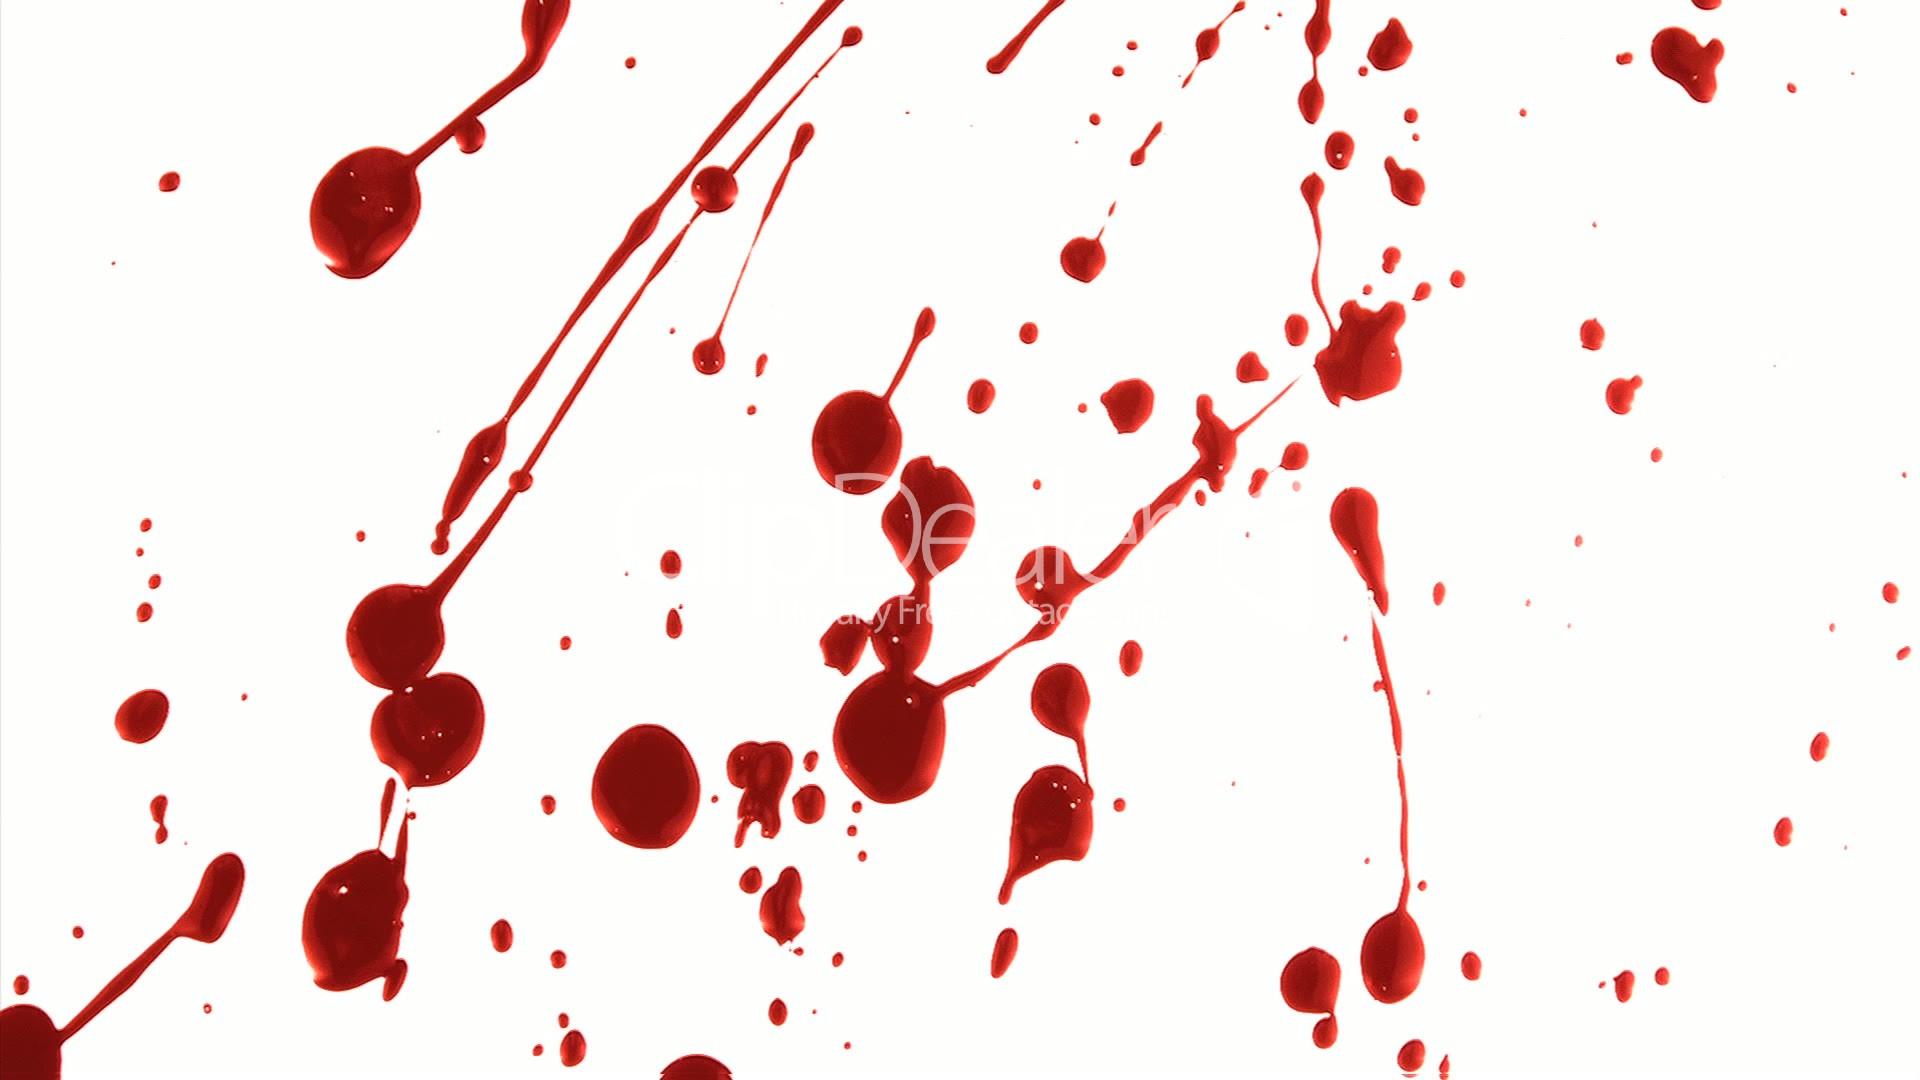 Dexter Wallpaper Blood Splatter on Watercolor Heart